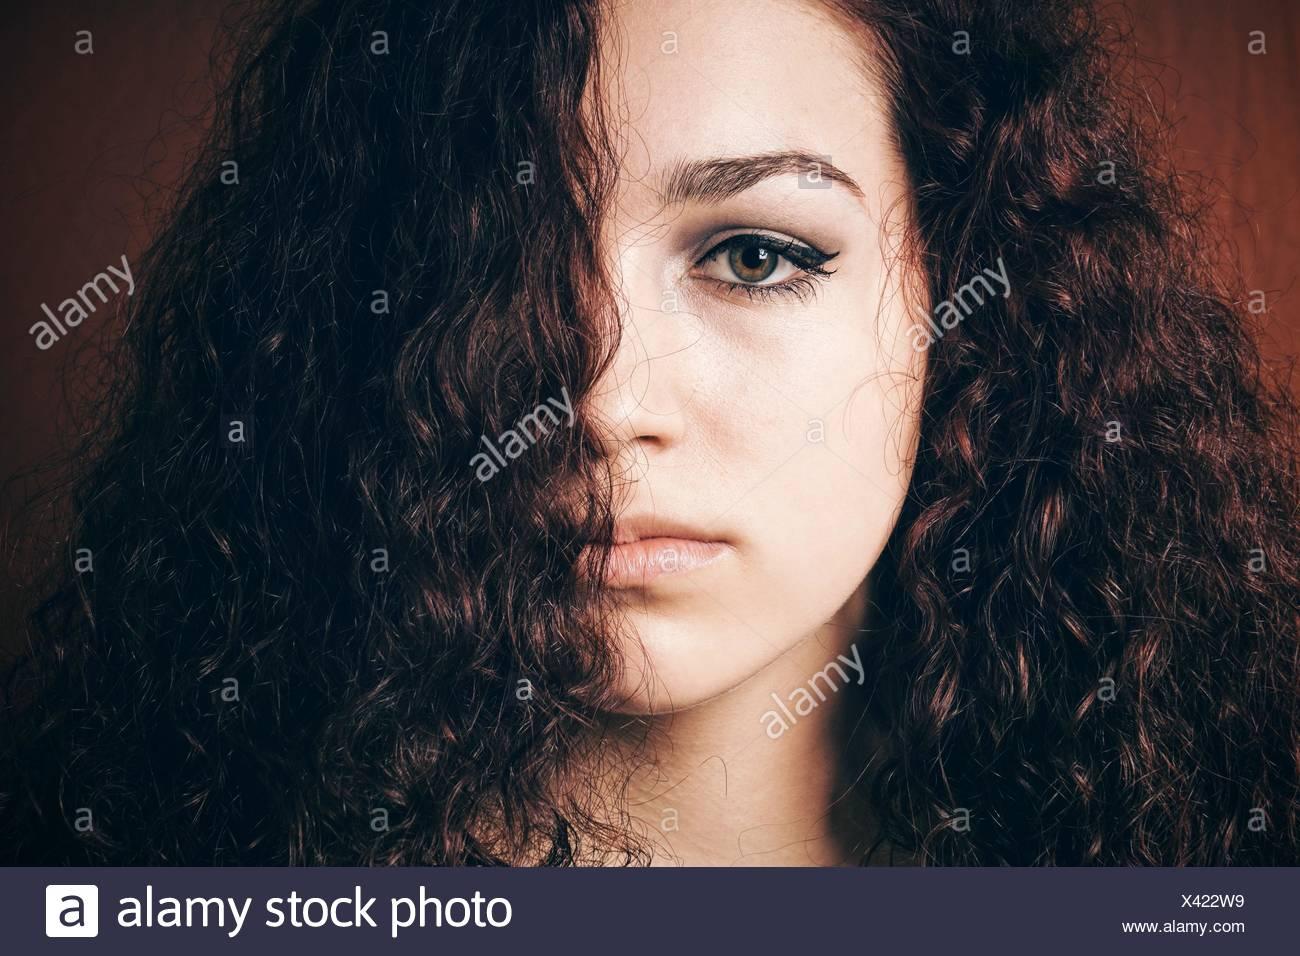 En primer plano el retrato de una mujer con el cabello rizado Imagen De Stock